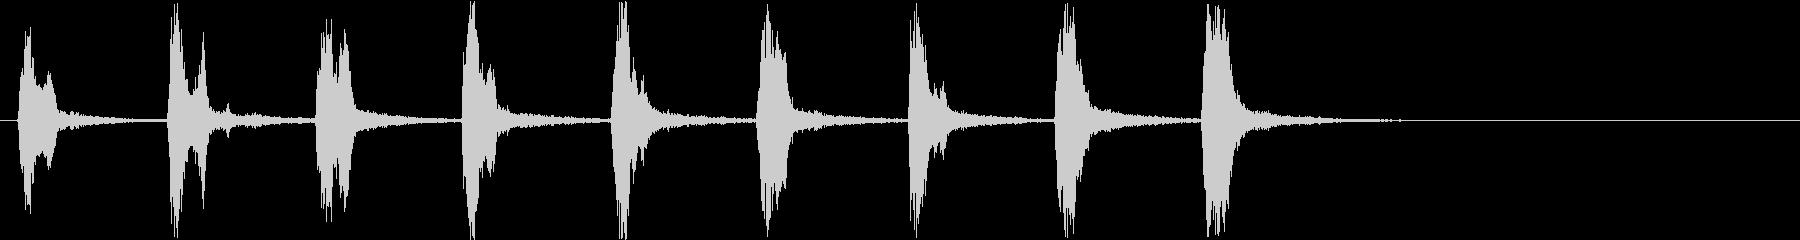 キィッキィッ!(バイオリン怖い刻み)遅めの未再生の波形